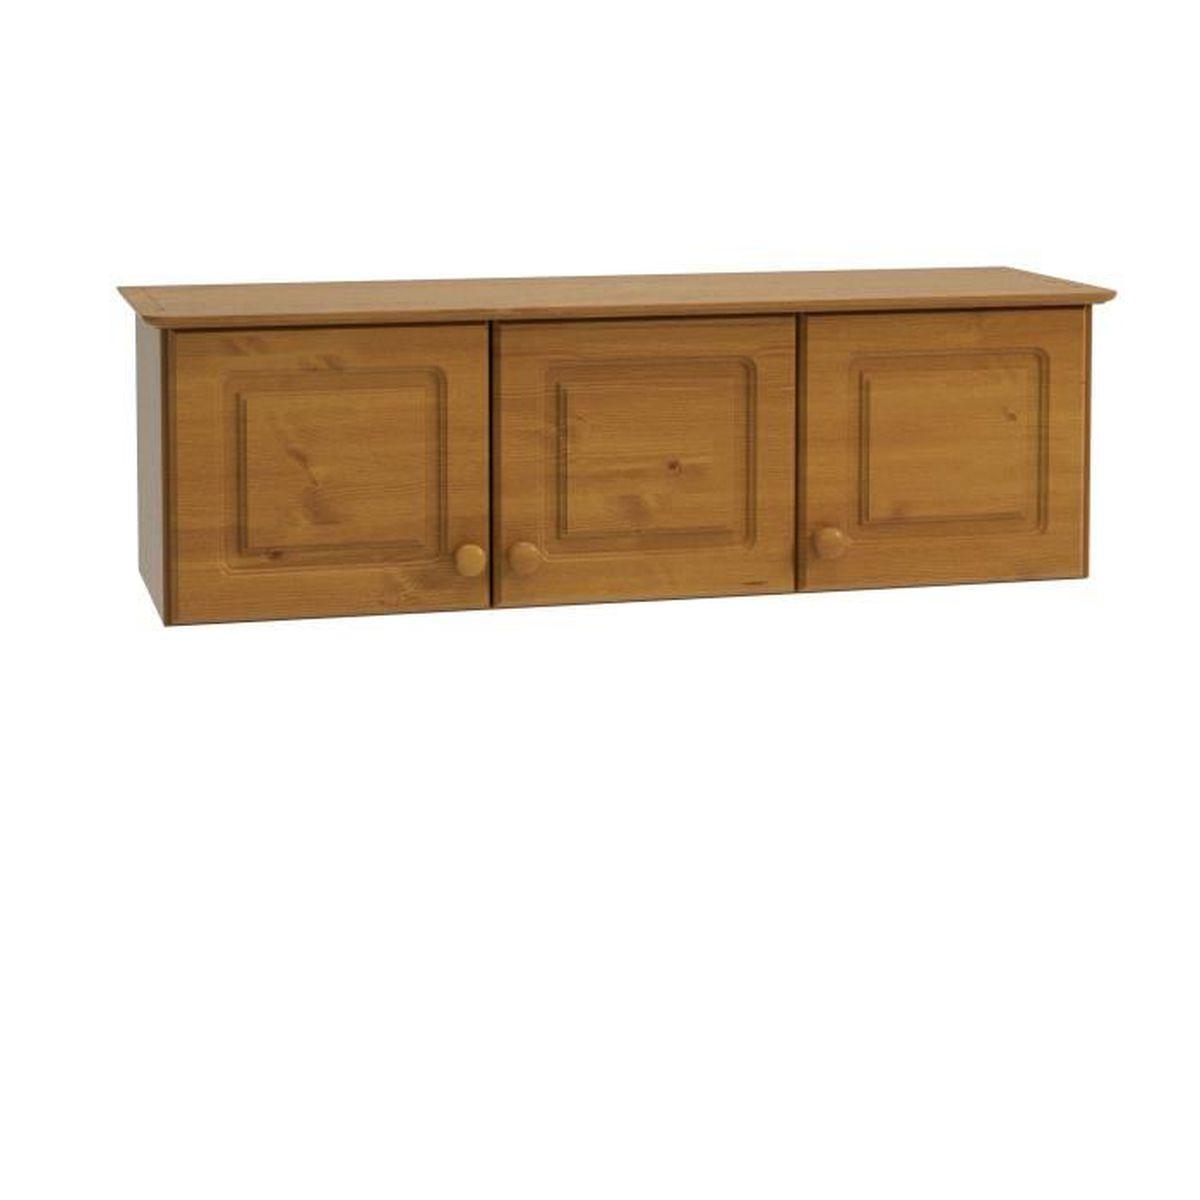 Armoire de chambre en bois massif - Achat / Vente pas cher